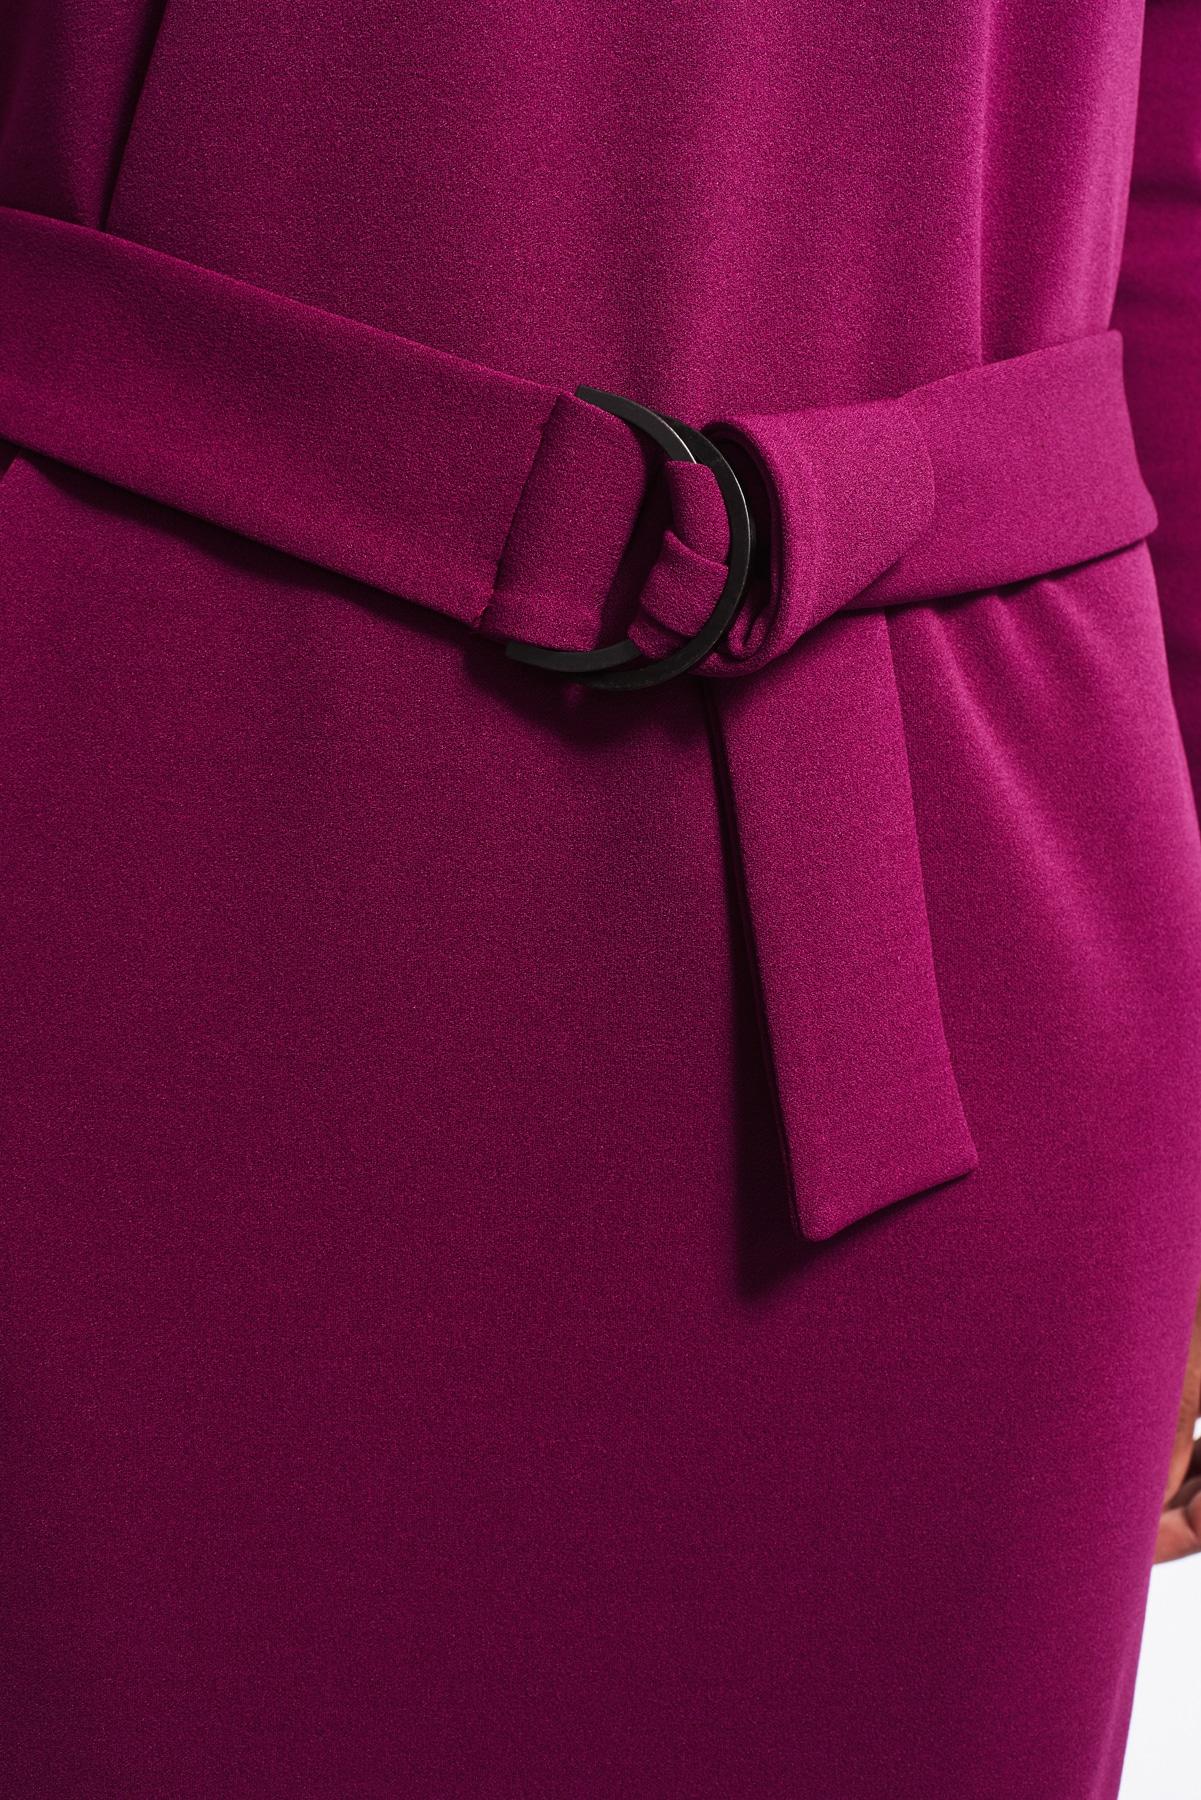 Kleid Phyllis violett crepe (3)